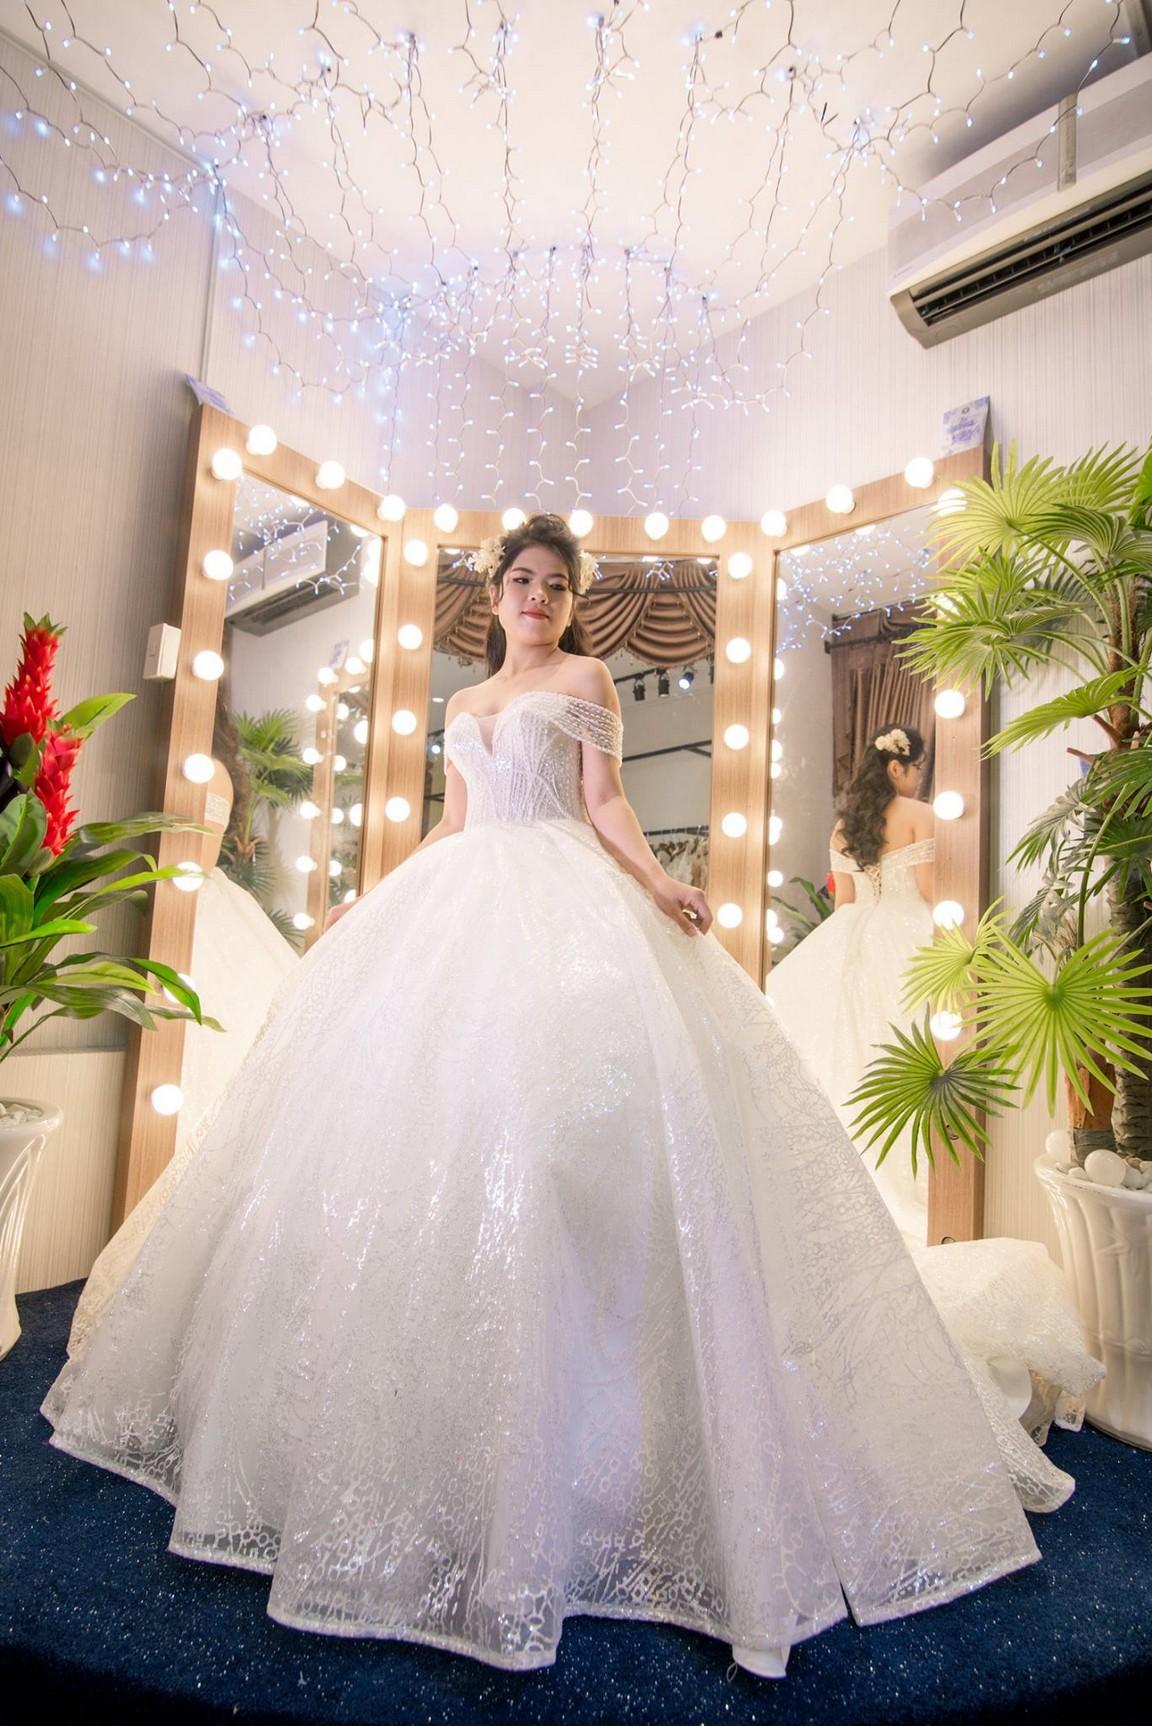 Váy cưới kiểu xòe 0